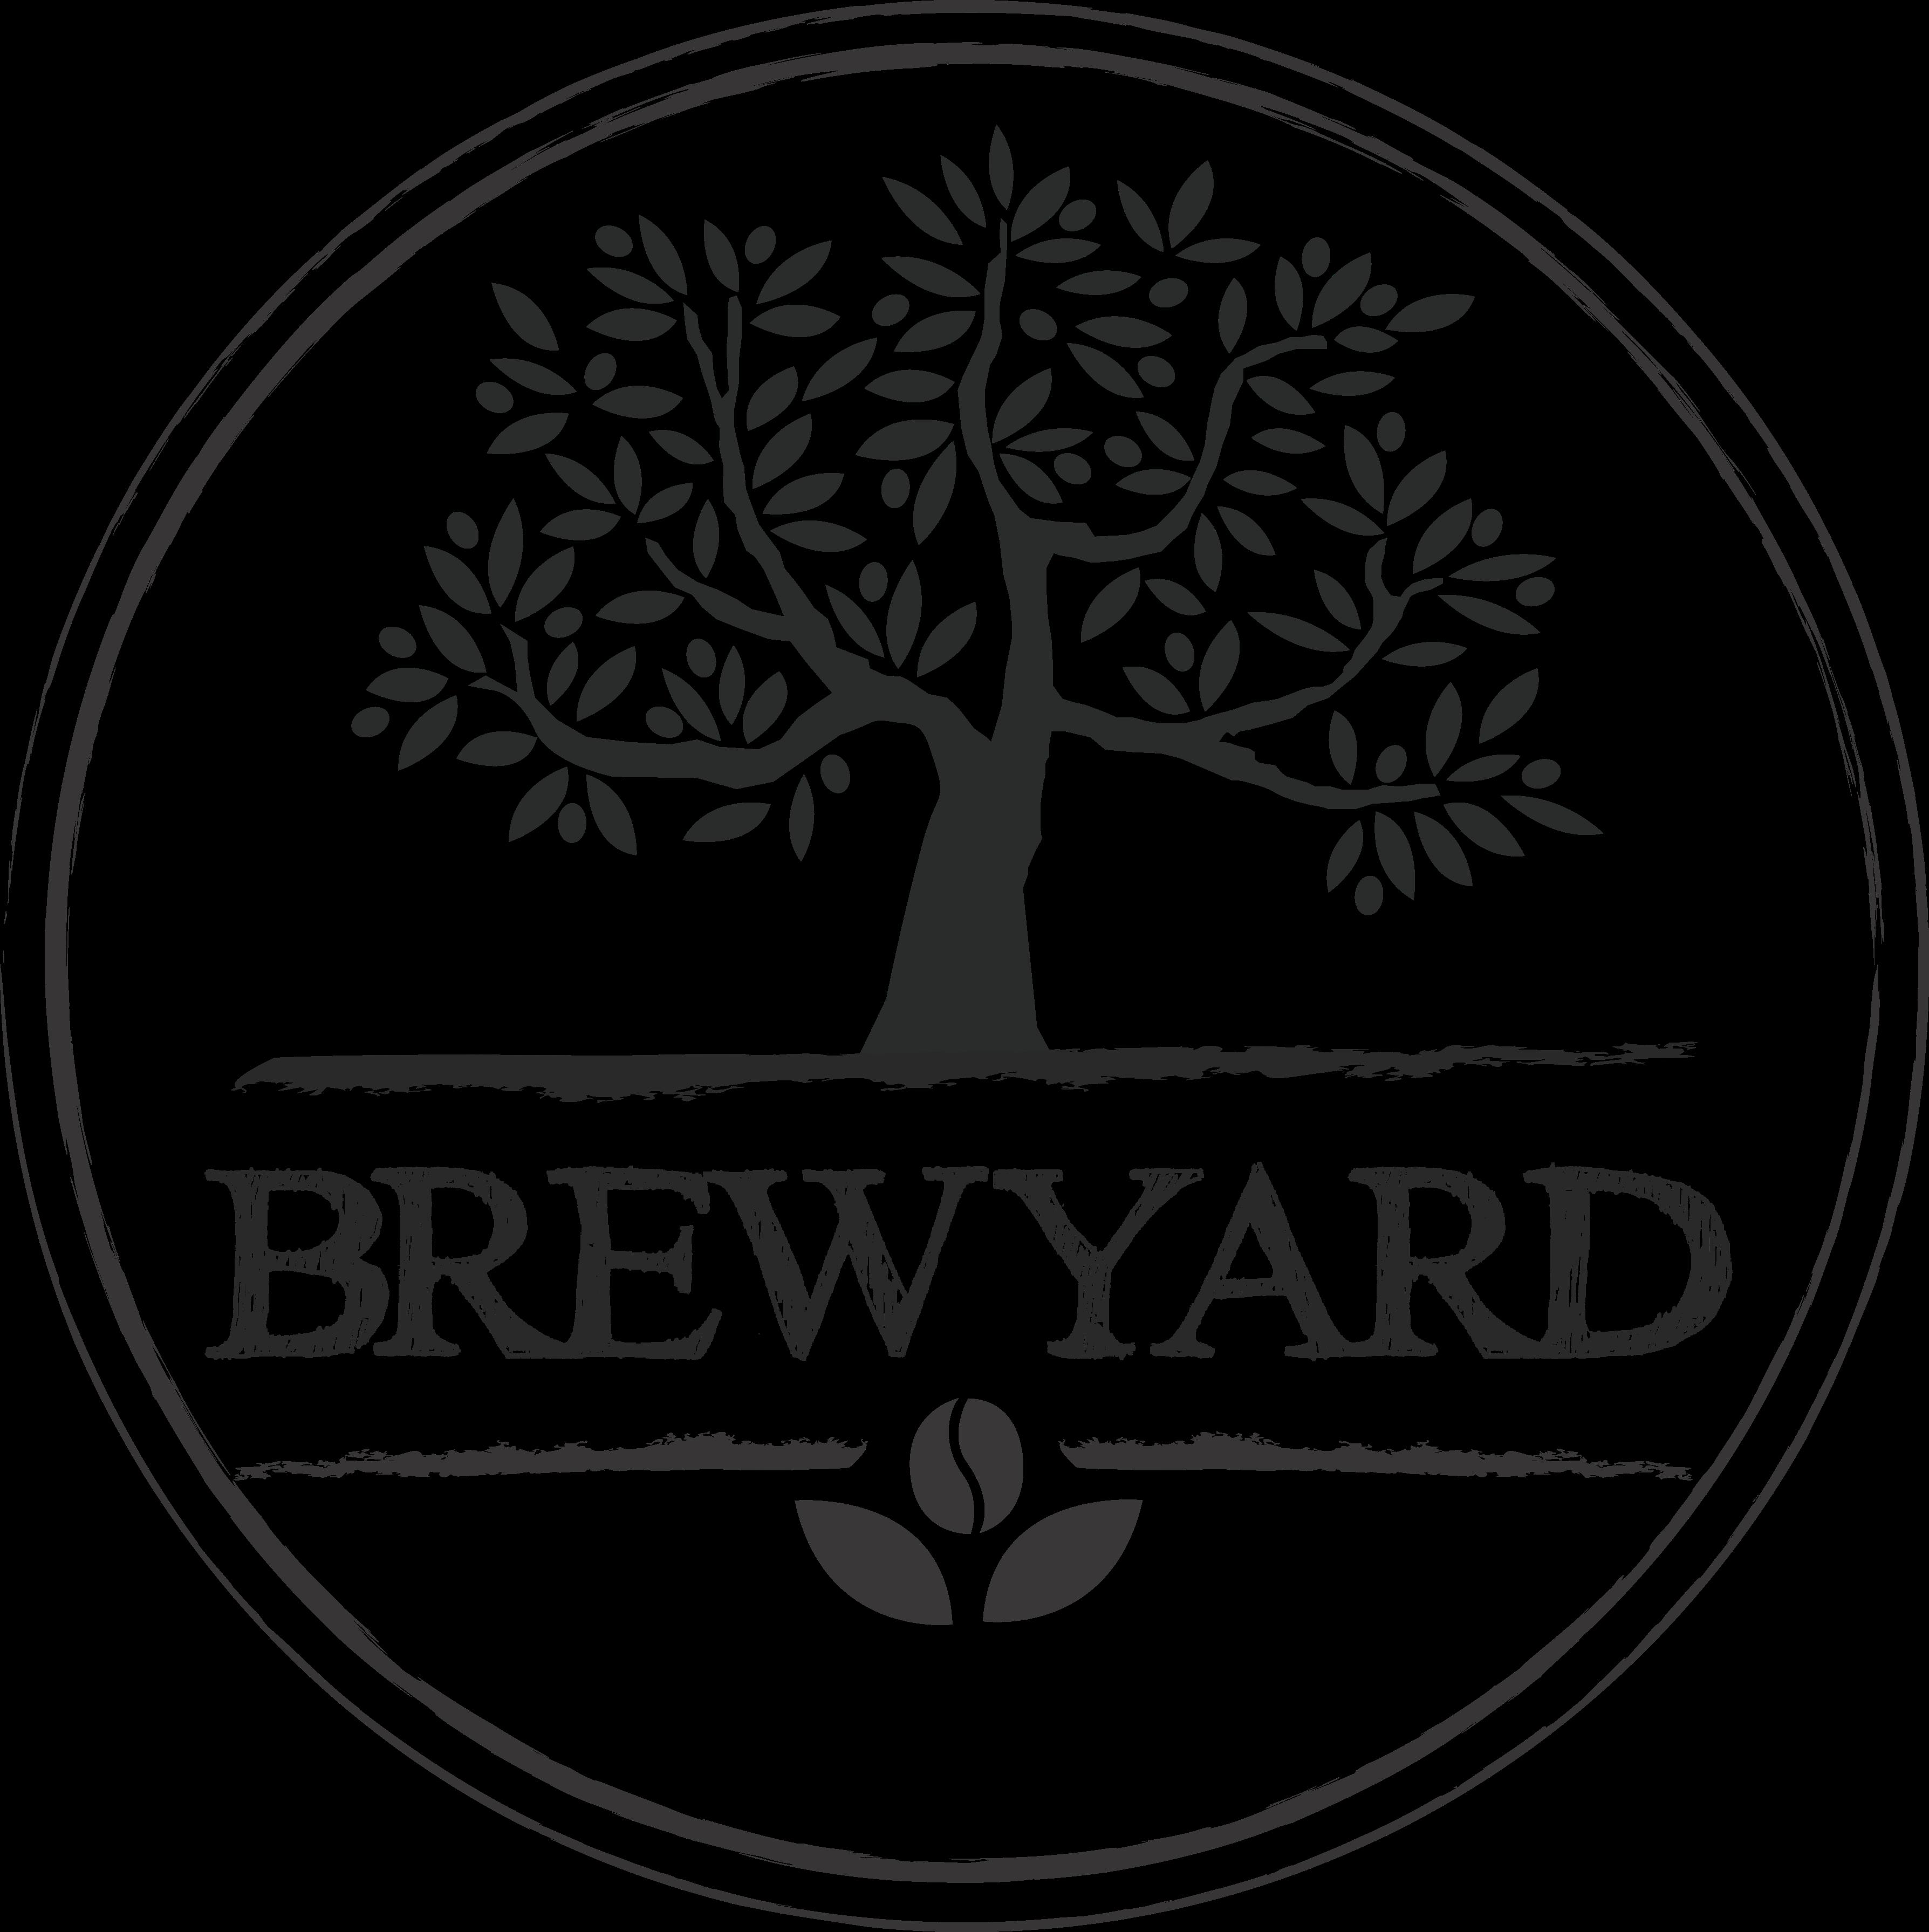 BREWYARD COFFEE